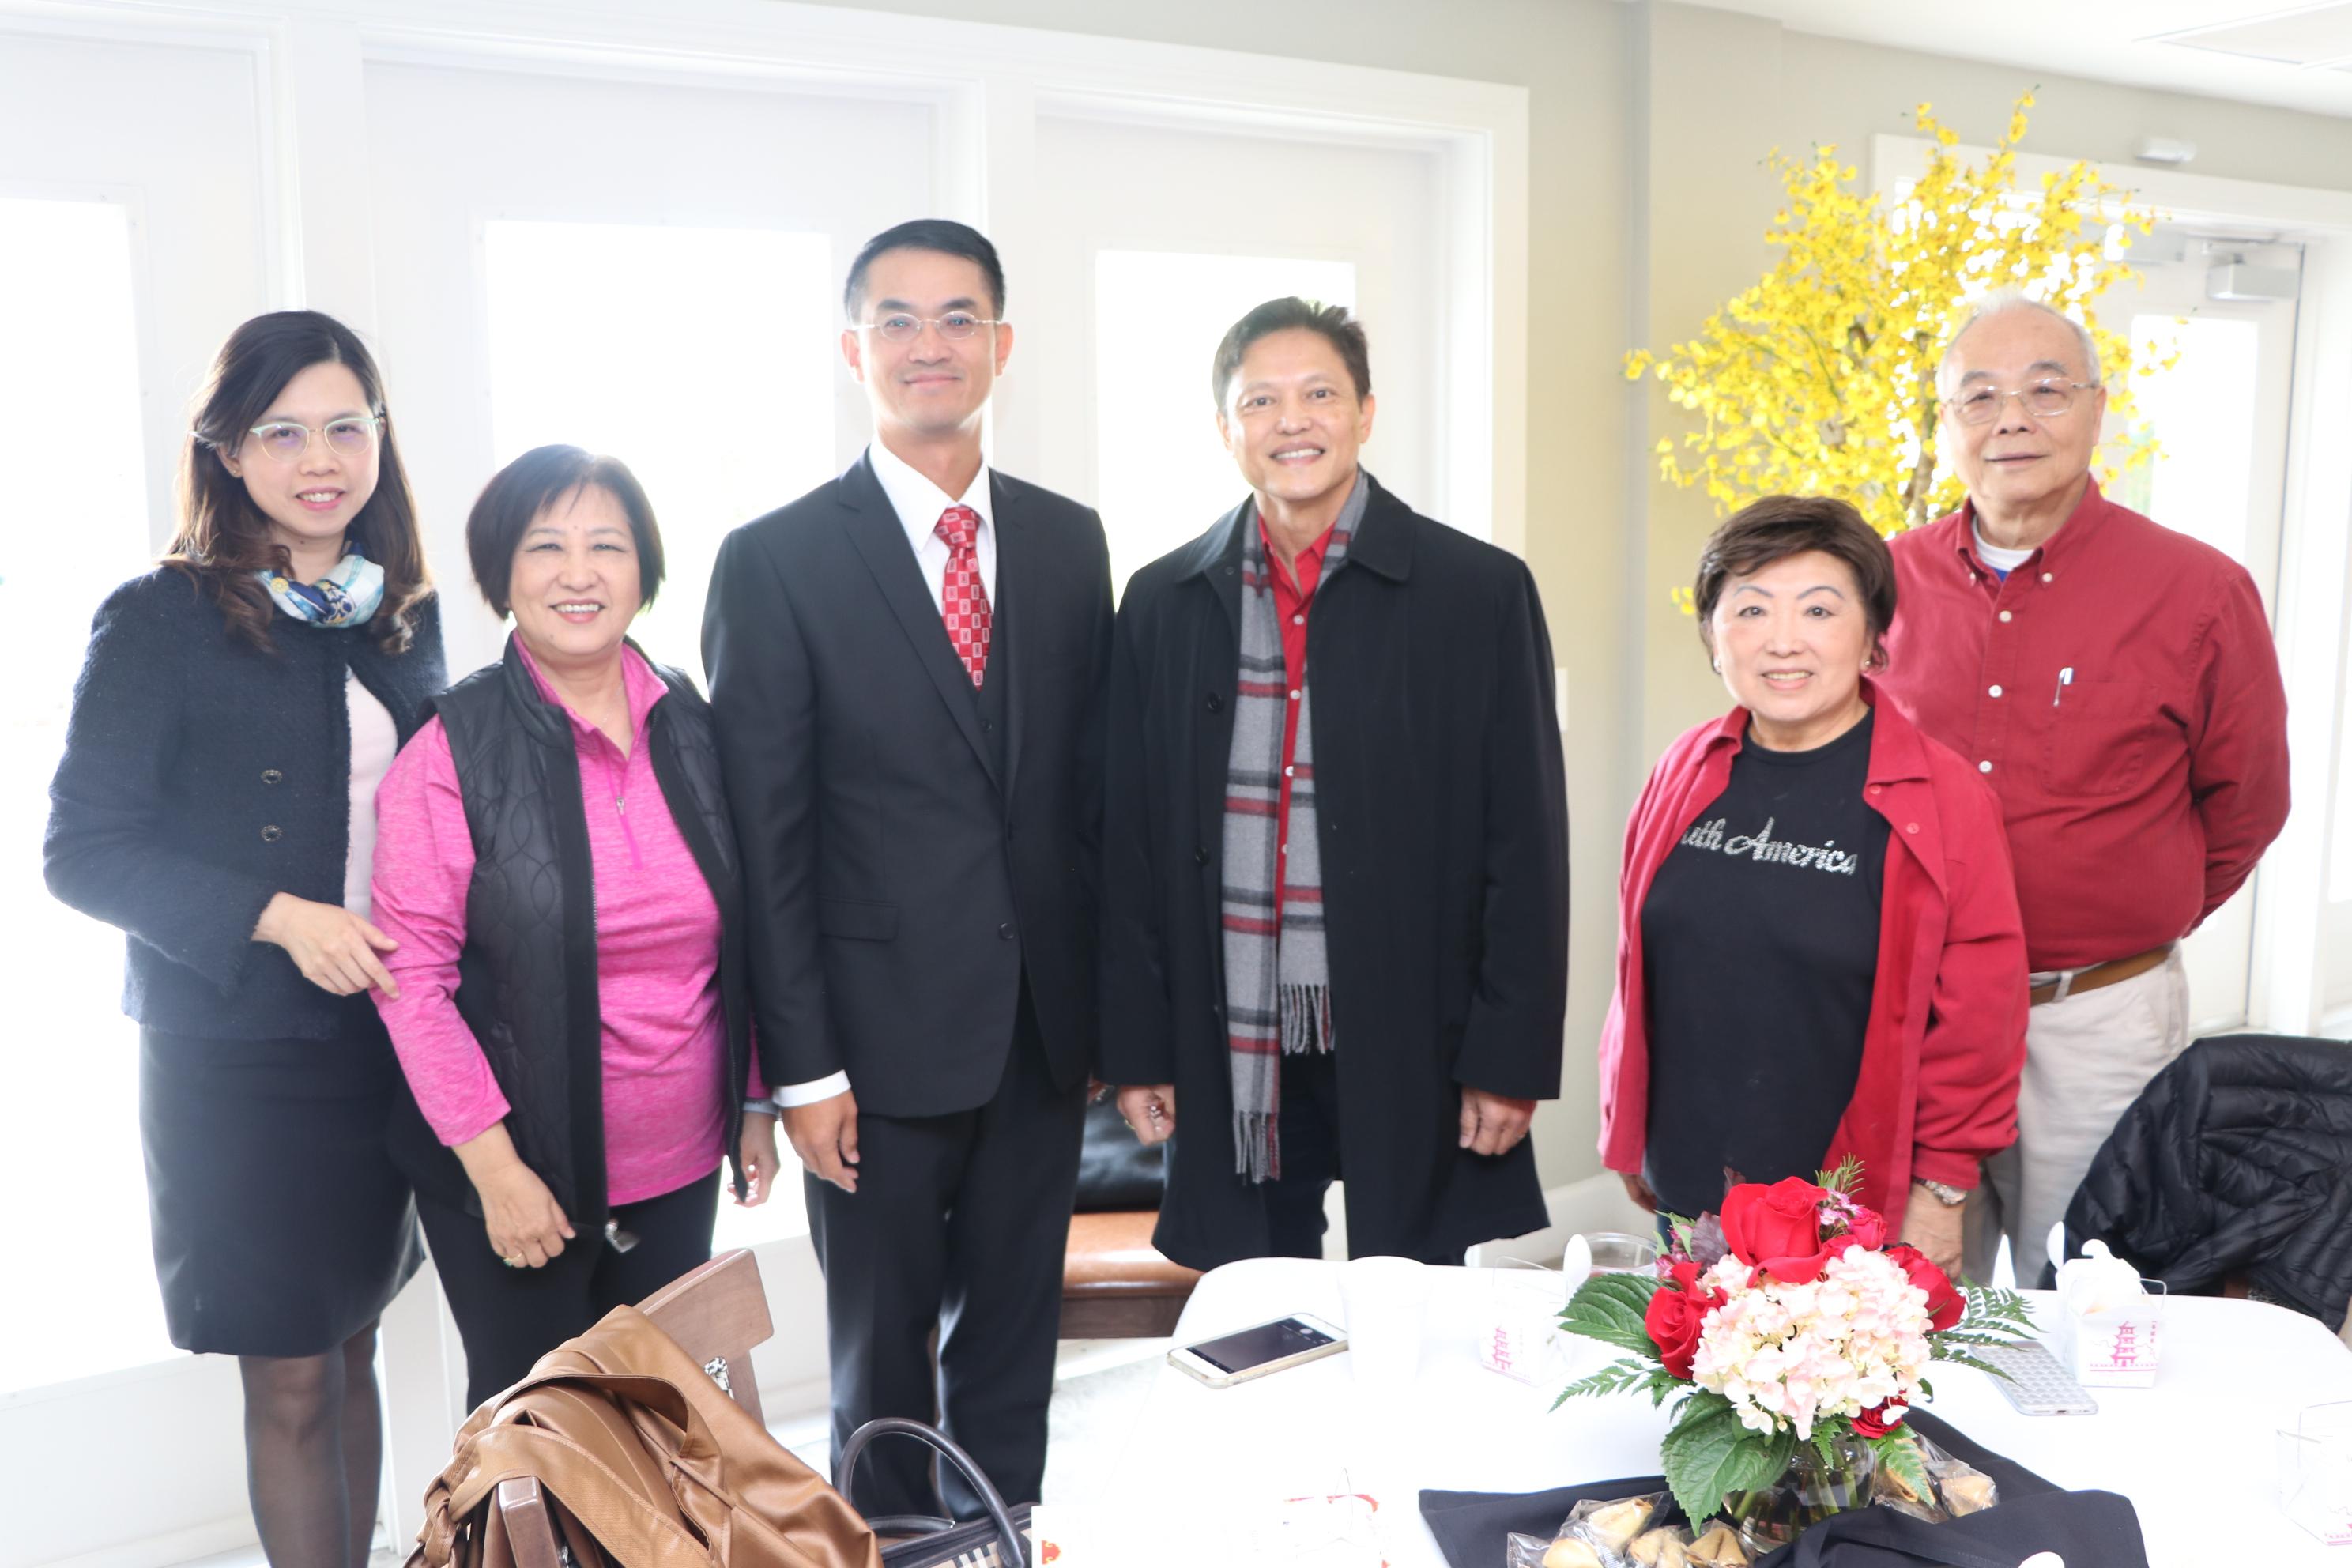 台北經文處長陳家彥(左三)與到場的僑領寒喧。